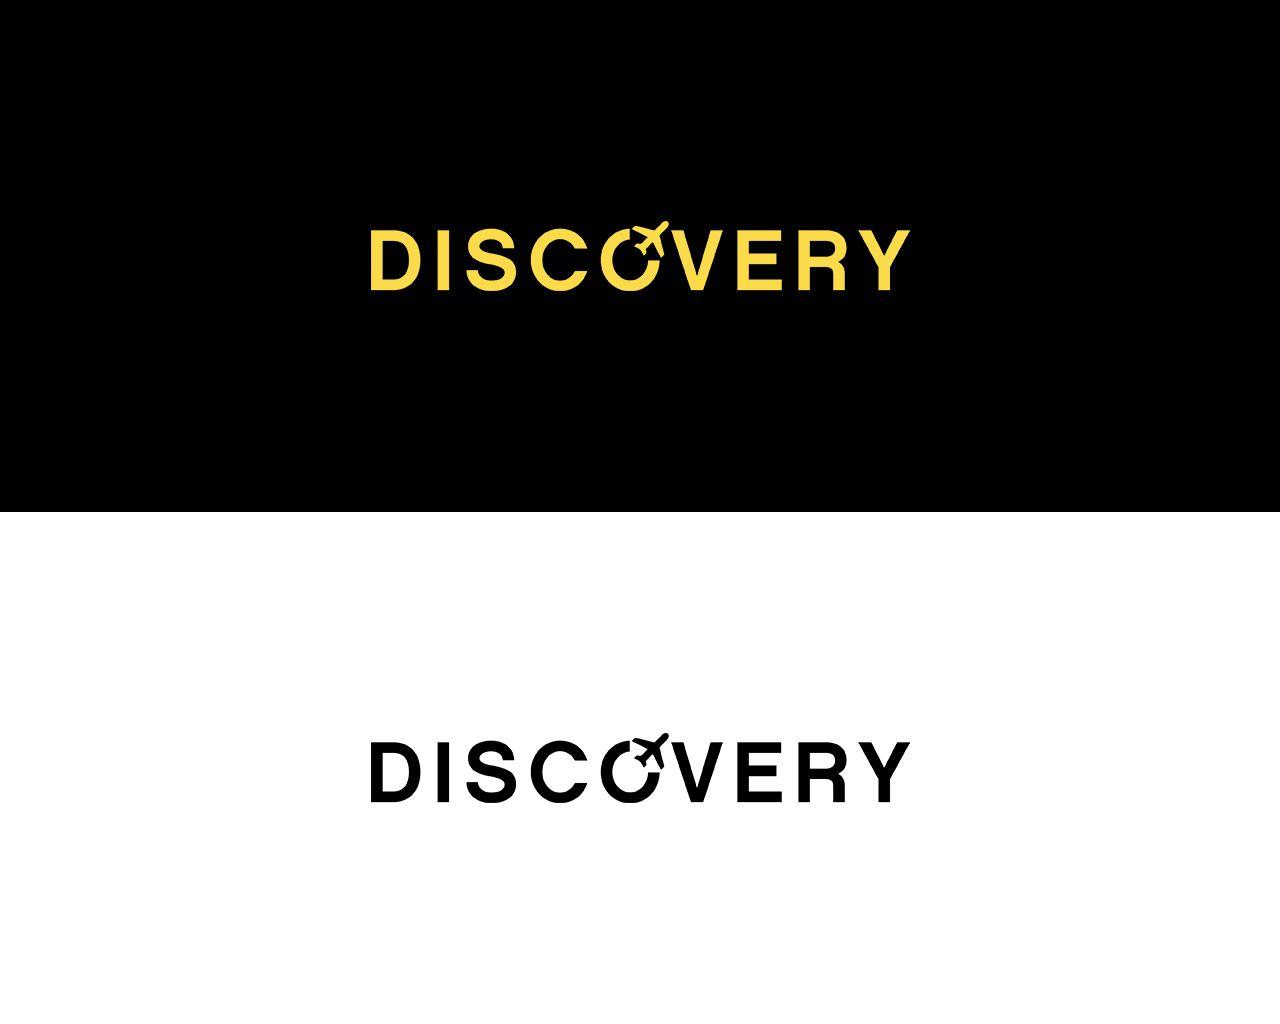 Логотип и фирм стиль для турагентства Discovery - дизайнер Homs67